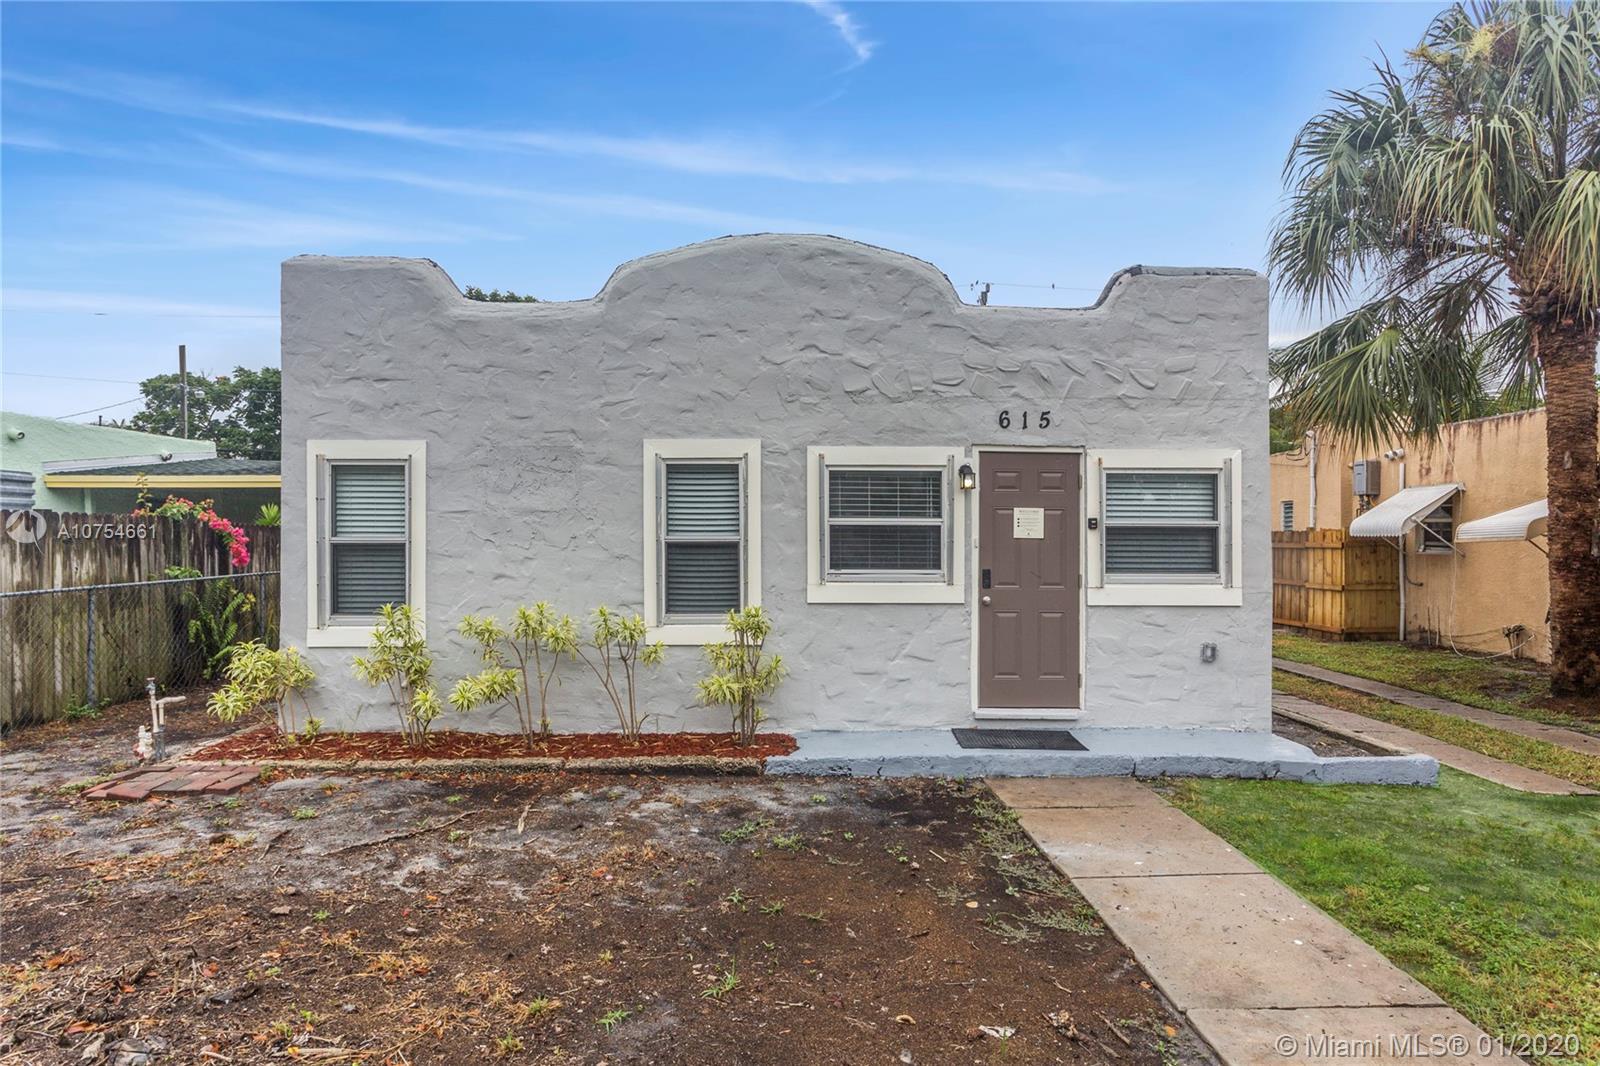 615 El Vedado, West Palm Beach, FL 33405 - West Palm Beach, FL real estate listing